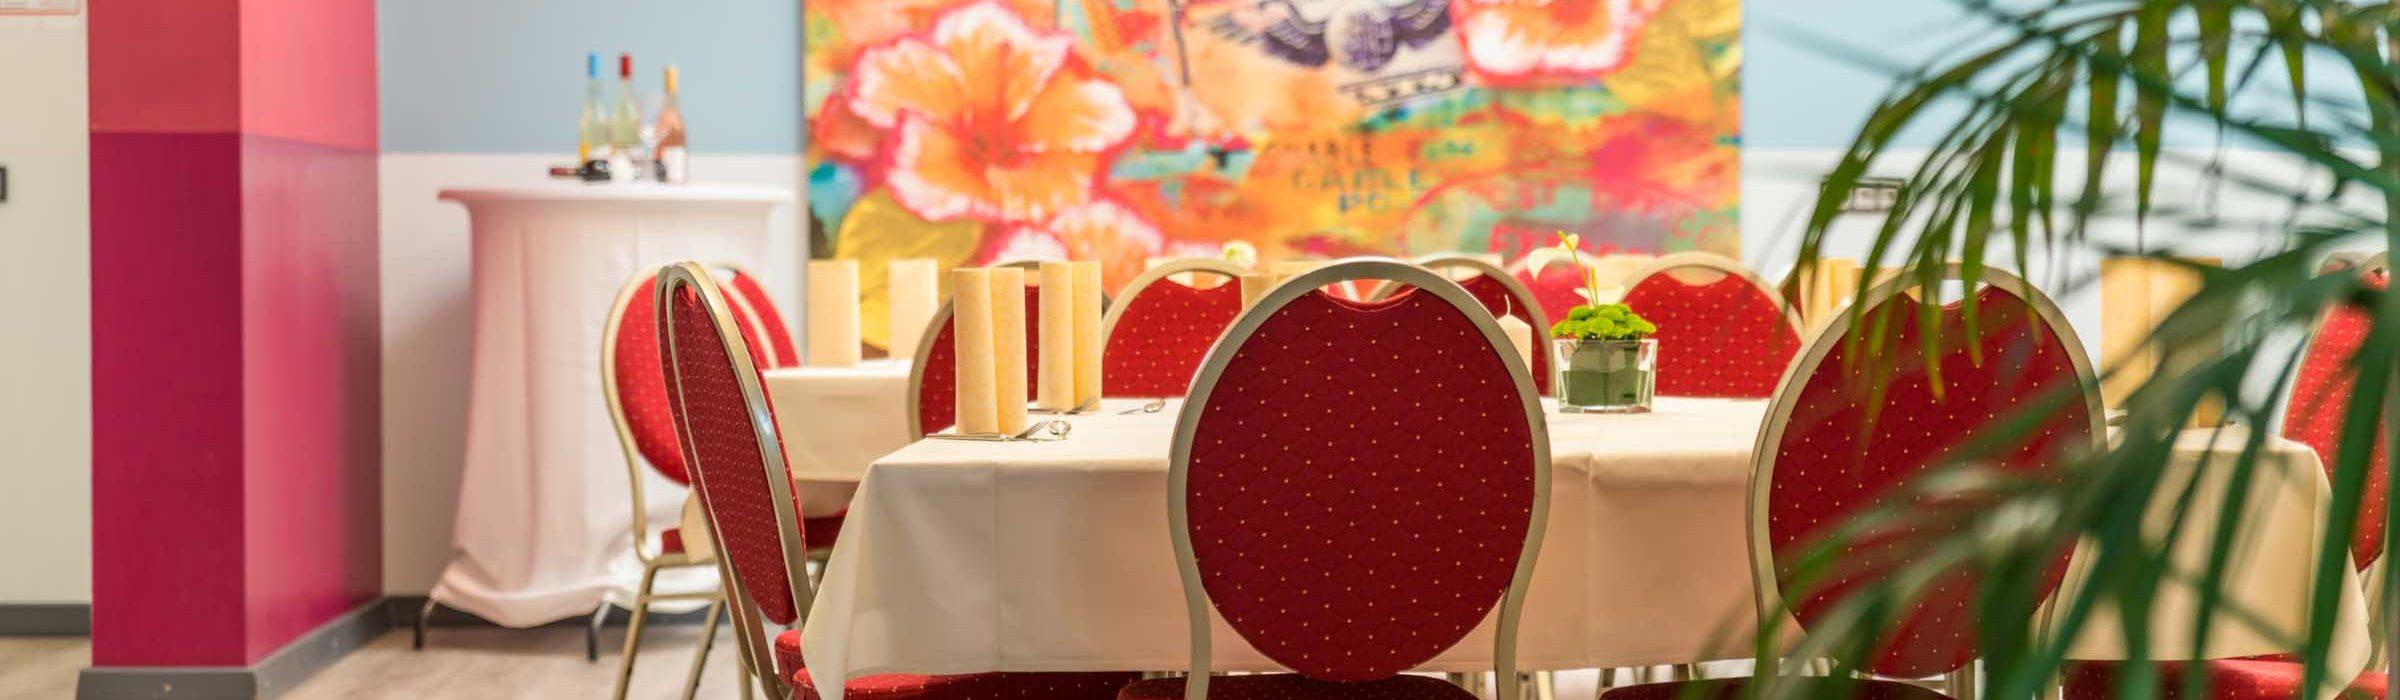 Hotel Hessischer Hof Kirchhain - Hochzeit Feste feiern